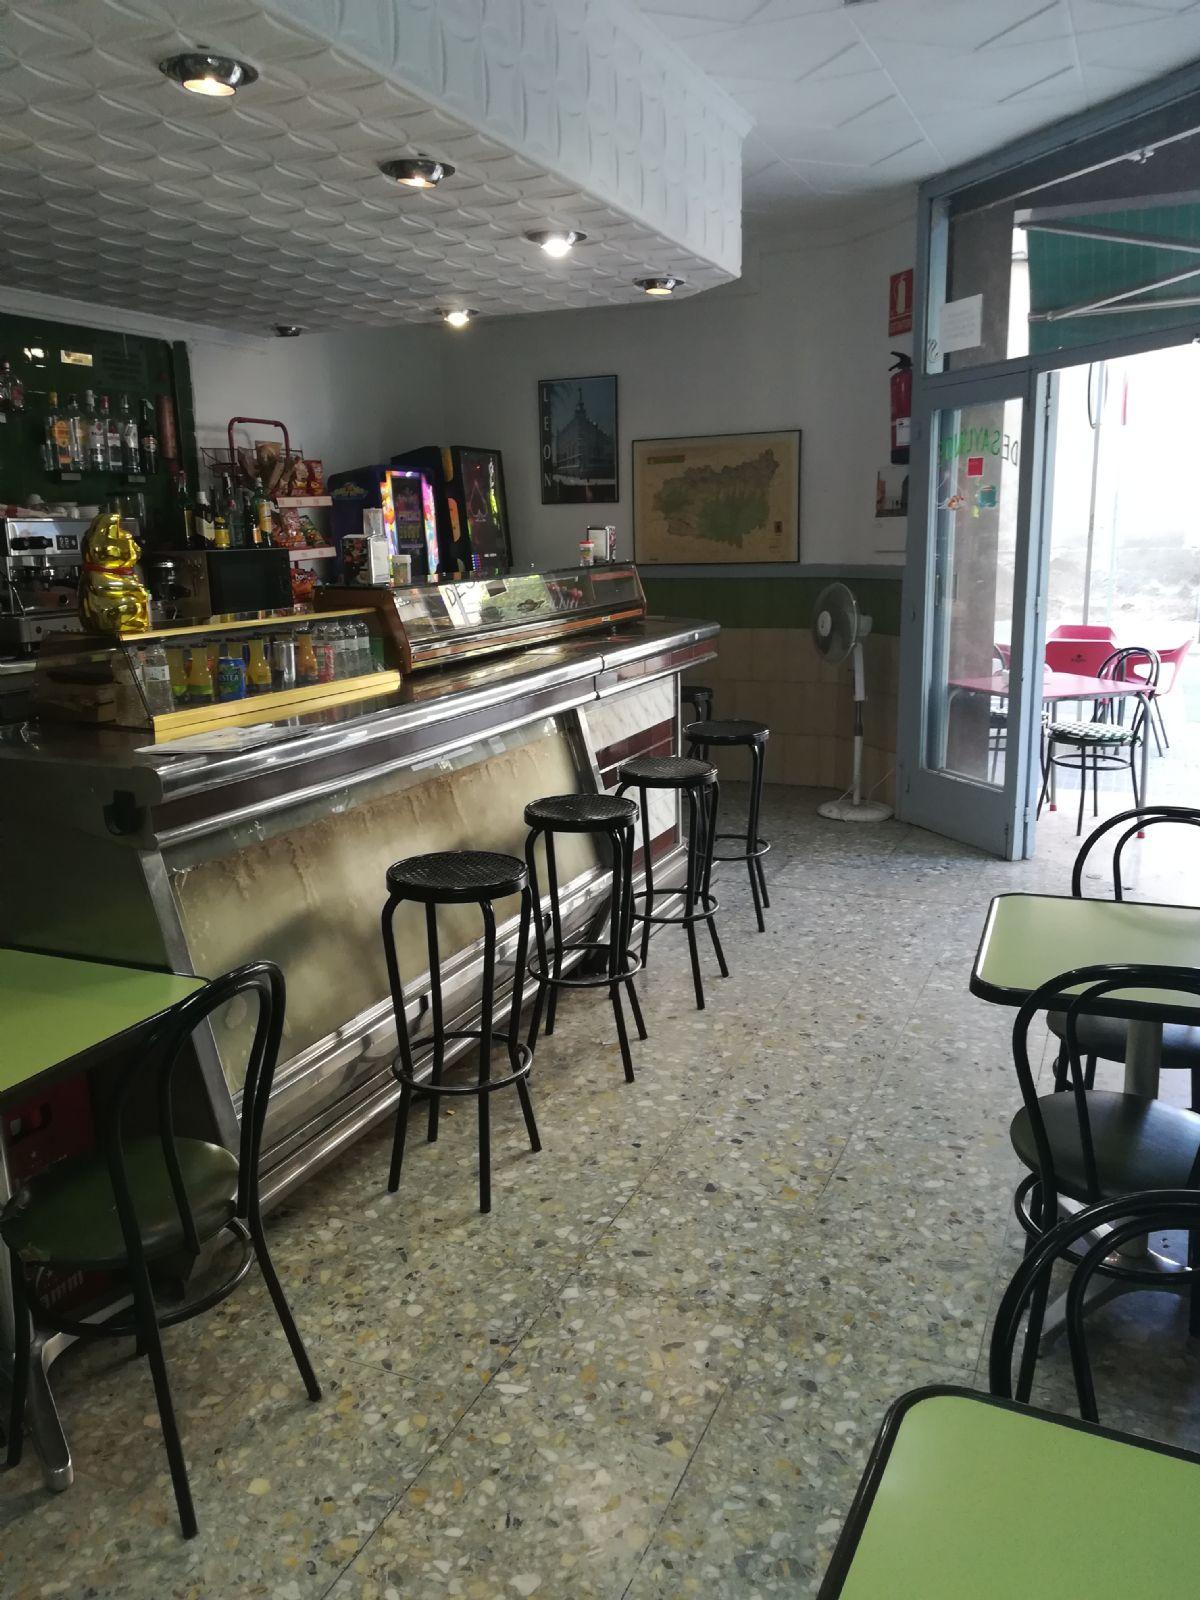 Local en venta en Coto de Caza, Sant Boi de Llobregat, Barcelona, Calle Eusebi Güell, 97.500 €, 56 m2